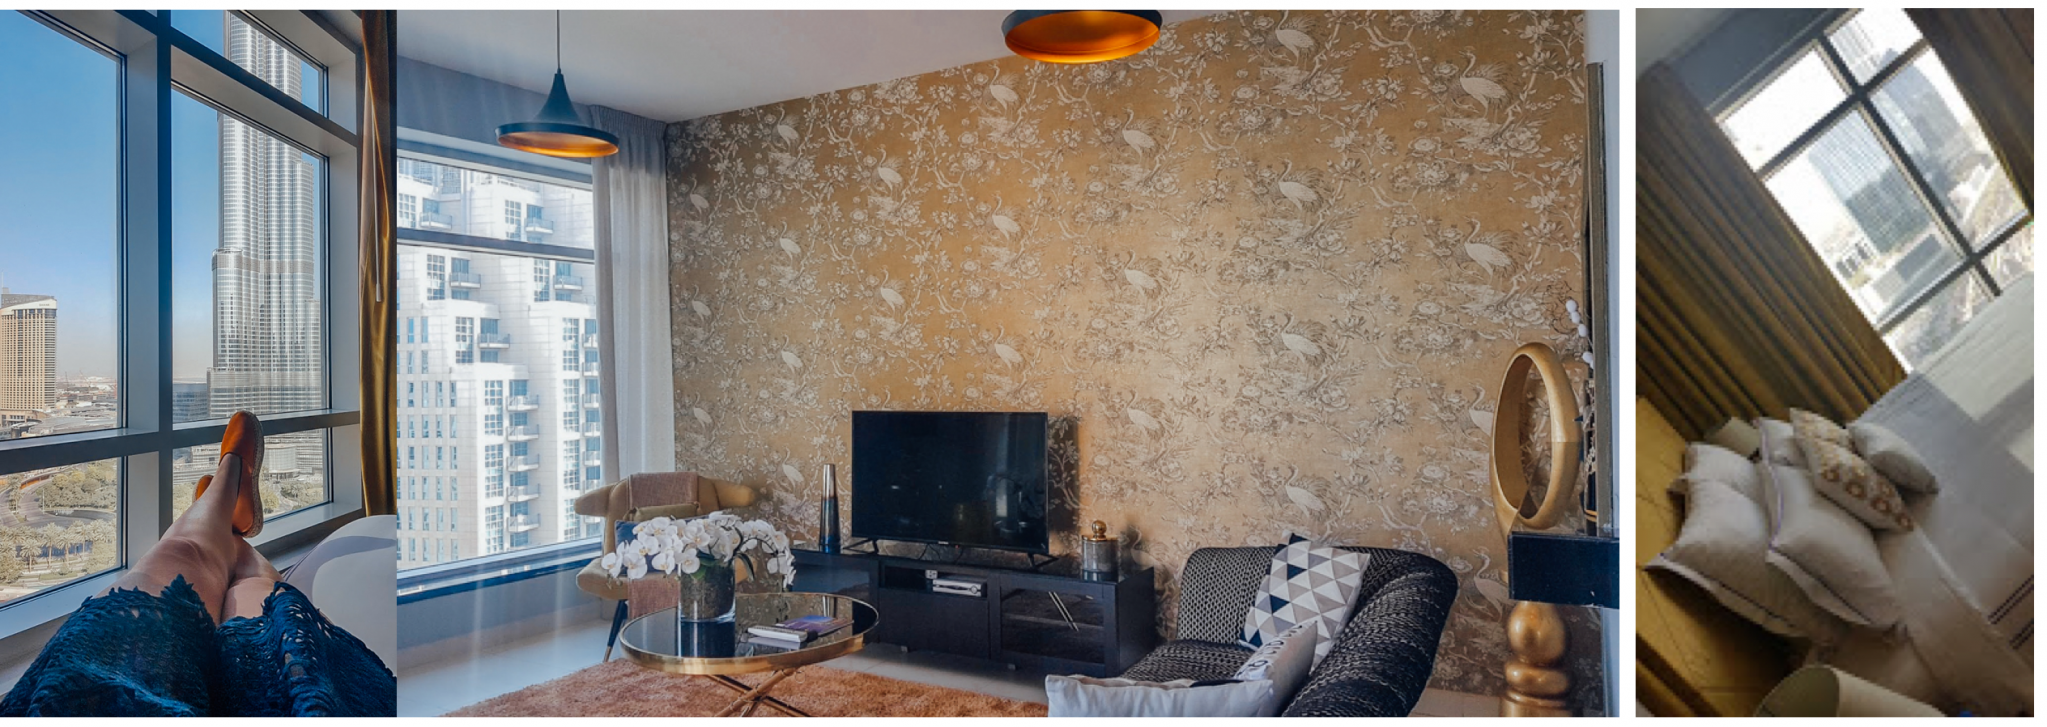 Dream inn dubai apartment interior